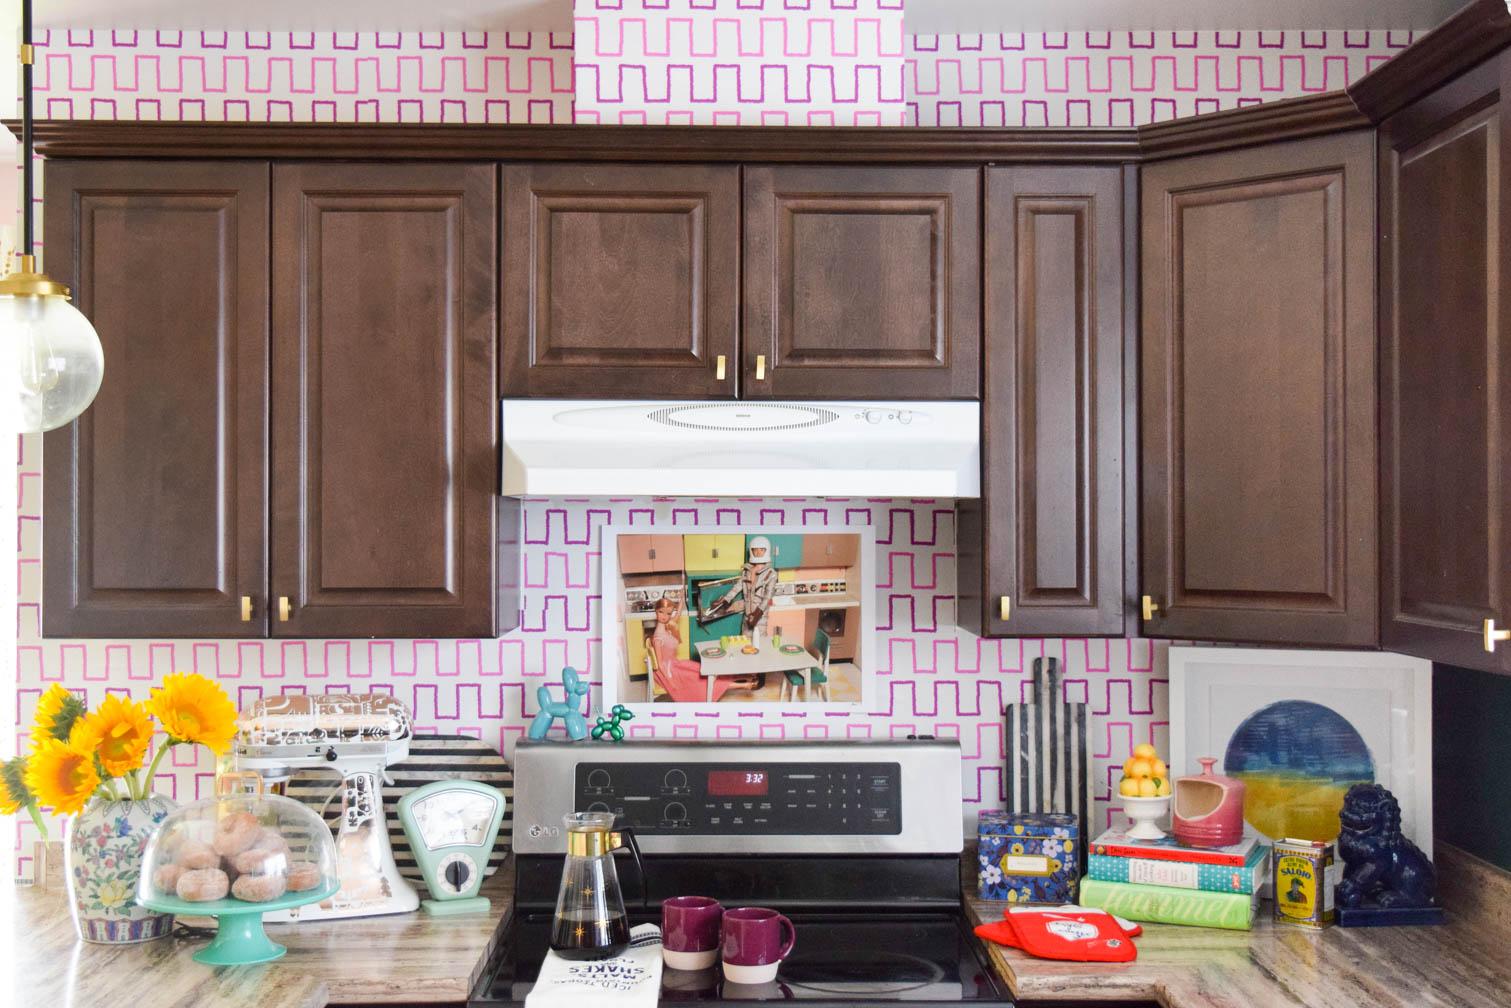 Dark Kitchen Cupboards With Wallpaper Backsplash